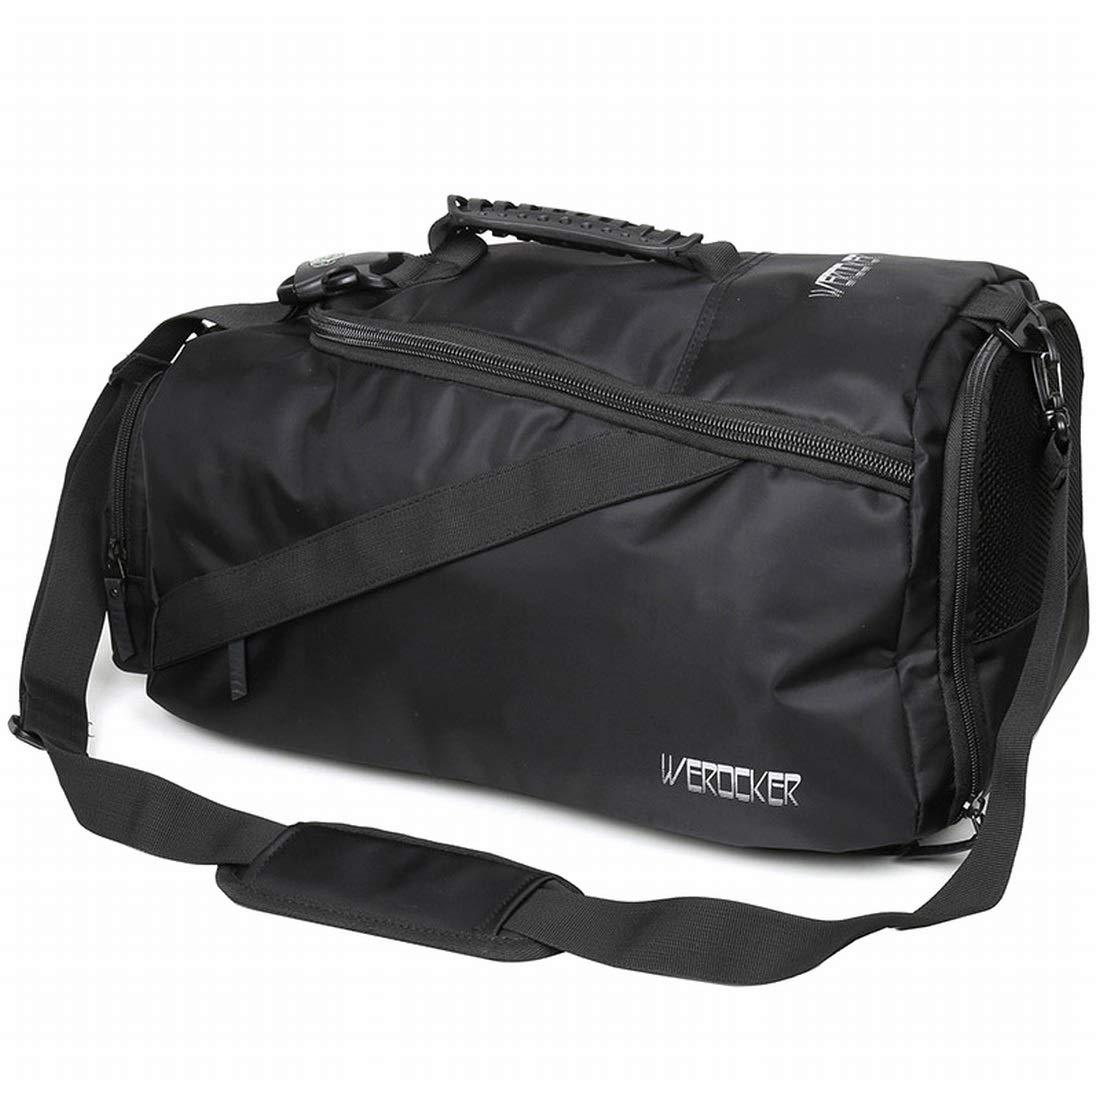 Souliyan Basketball Bag Training Bag Backpack Shoulder Messenger Bag Travel Sports Fitness Bag Dry and Wet Separation